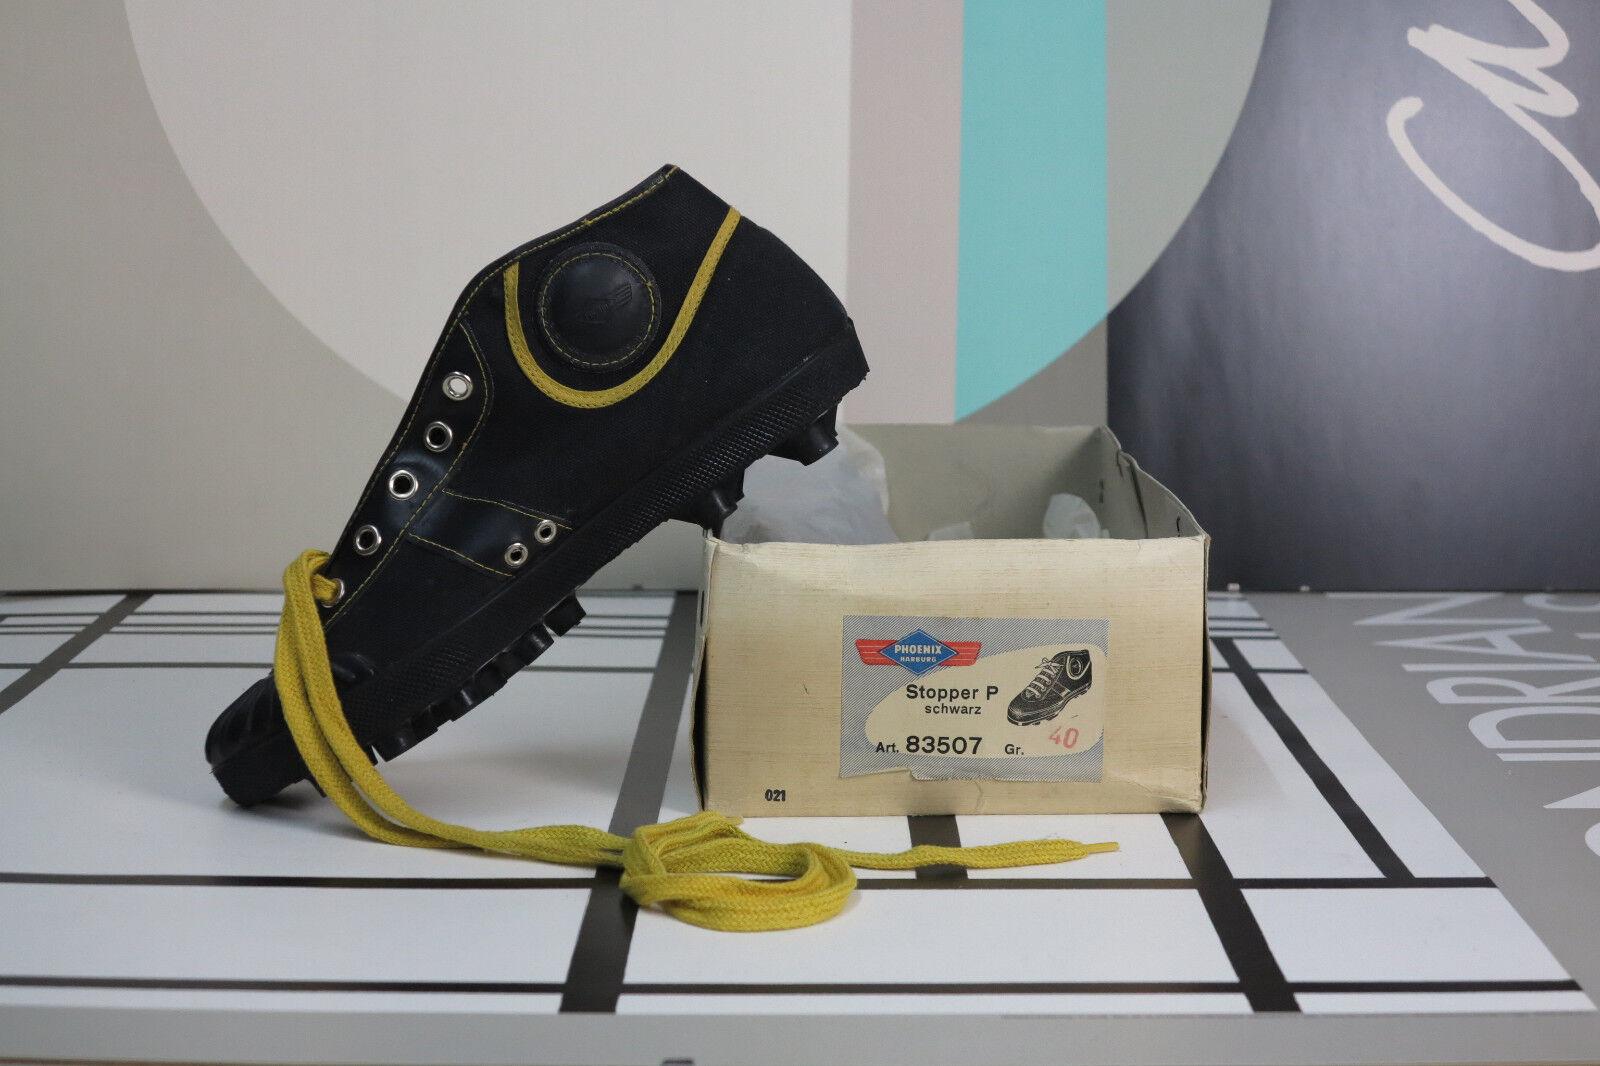 Phoenix Harburg galerías botas de fútbol Zapatillas deportivas True vintage 80s Soccer zapatos